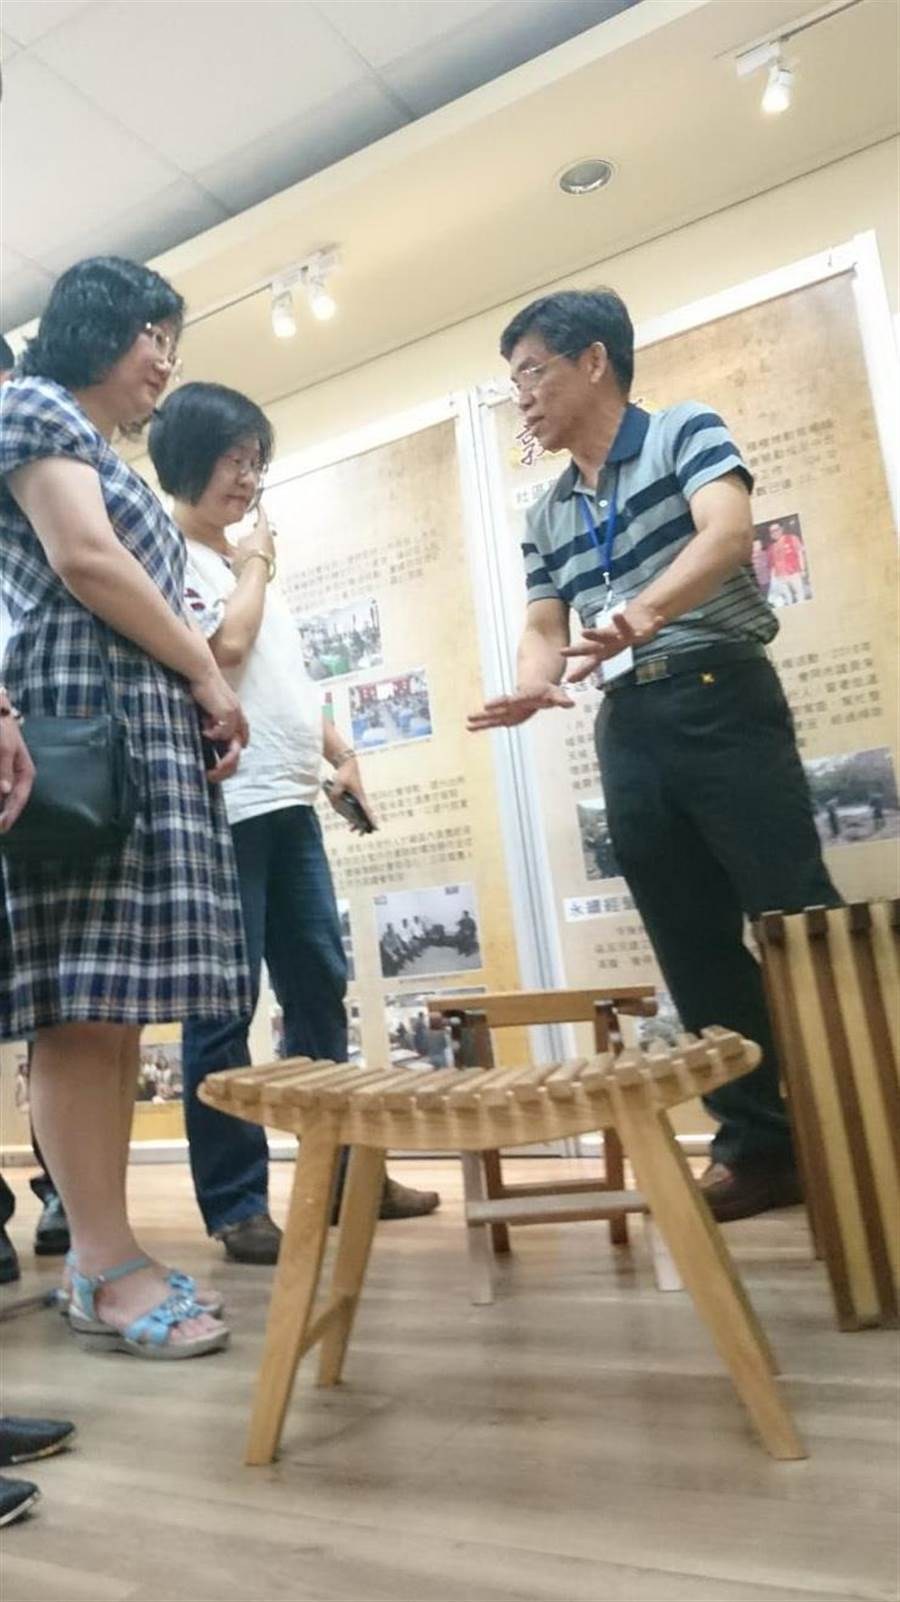 台中看守所教化工場木工班手工製作木椅,造型亮麗頗受市場喜愛。(陳淑芬攝)